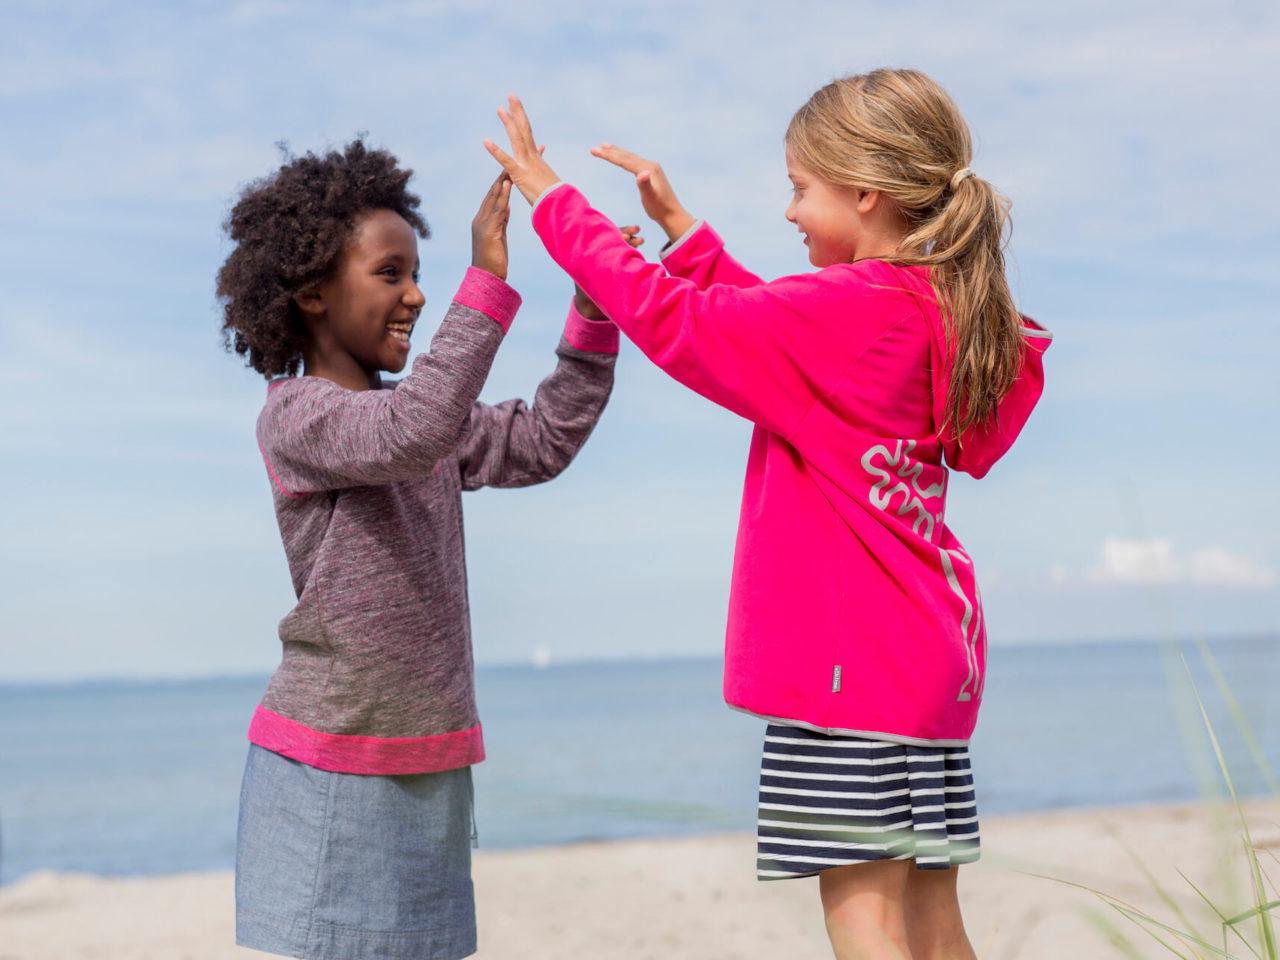 Zwei Mädchen in bunten Pullovern und Softshelljacken von Elli und Mai spielen am Strand